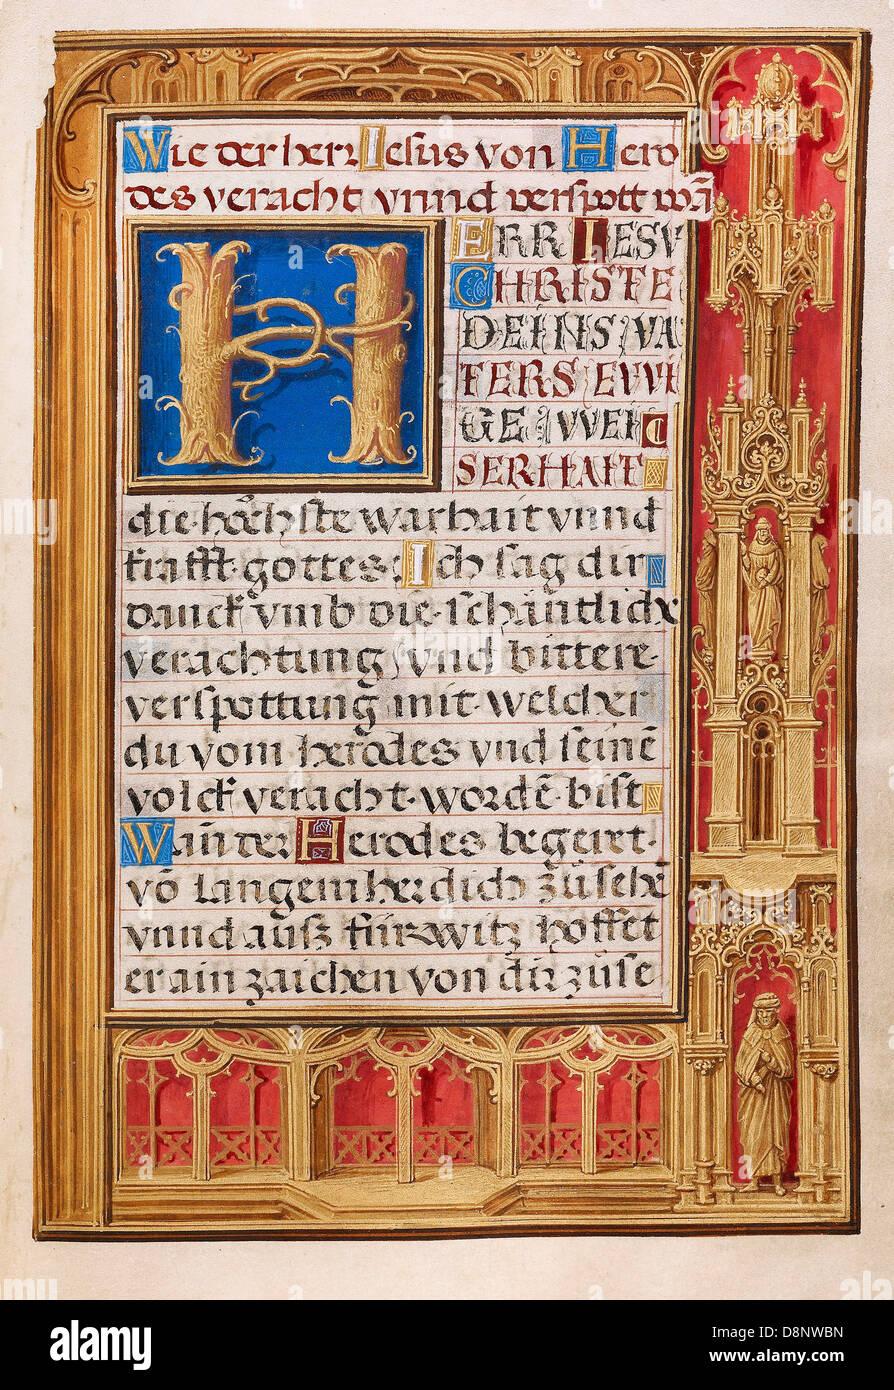 Simon Bening, dekoriert Text Page 1525-1530 Öl auf Leinwand. Tempera-Farben, Goldfarbe und Blattgold auf Pergament. Stockbild